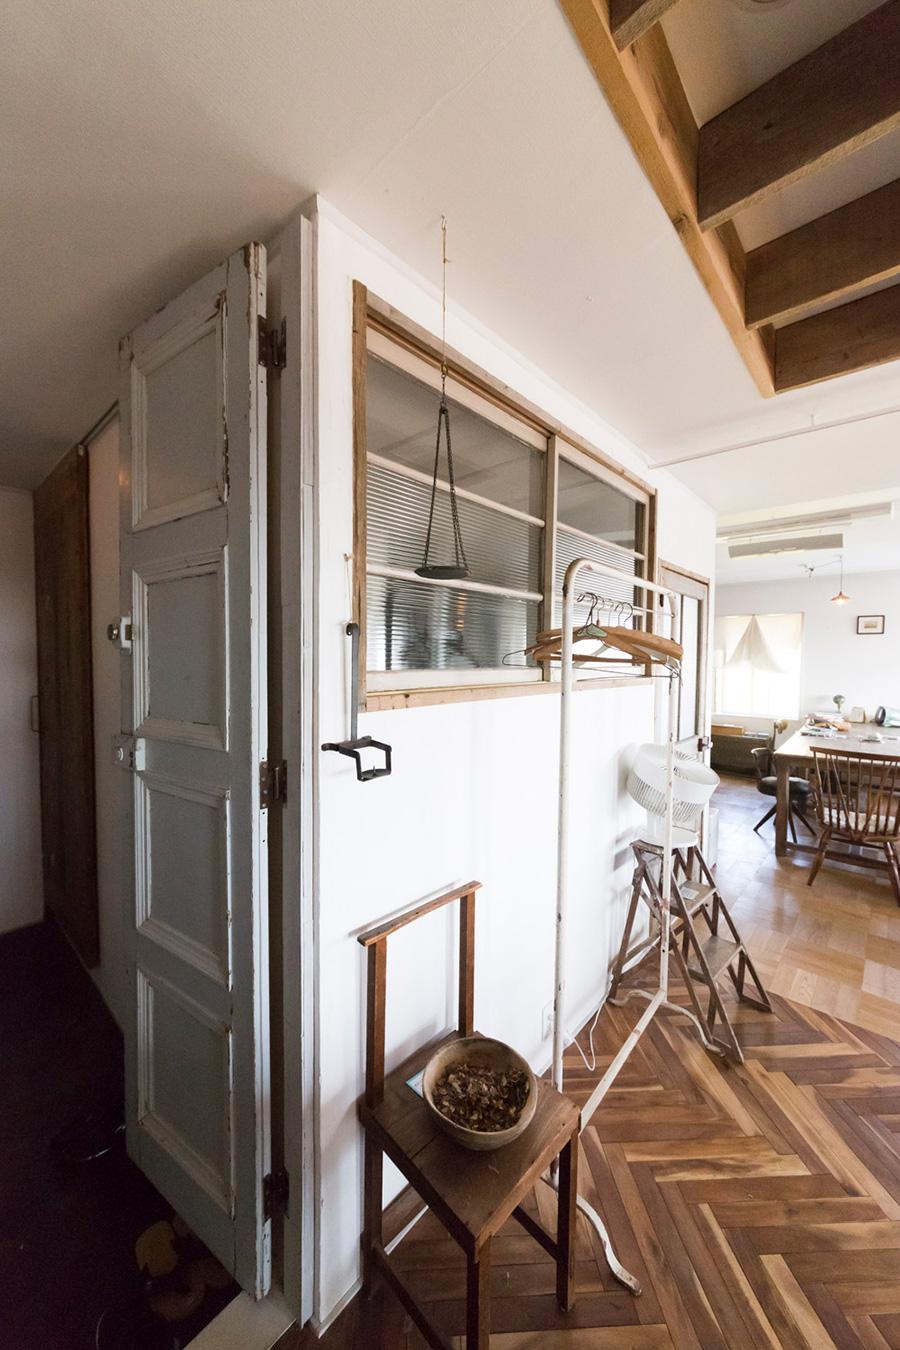 多治見さんが集めていた古いガラスの引き戸や扉を使ってリノベーション。ガラス戸の奥がバスルームになっている。